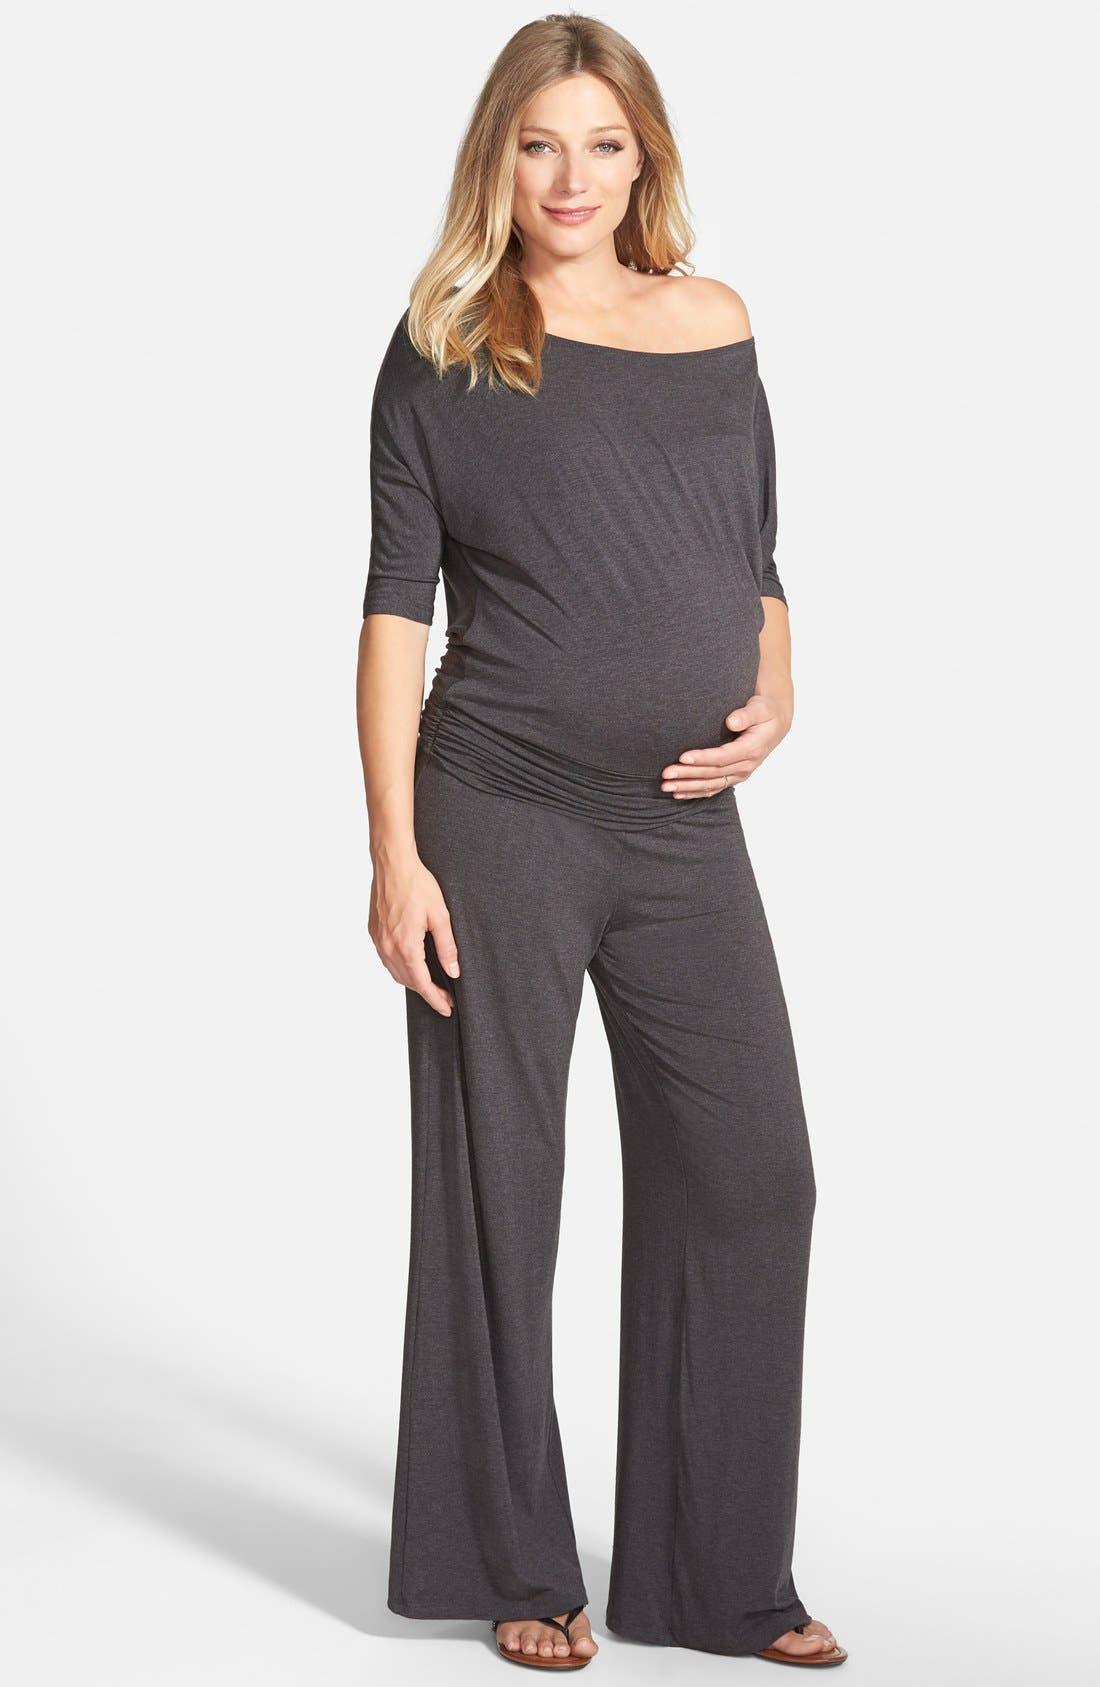 Tart Maternity 'Michelle' Maternity Jumpsuit